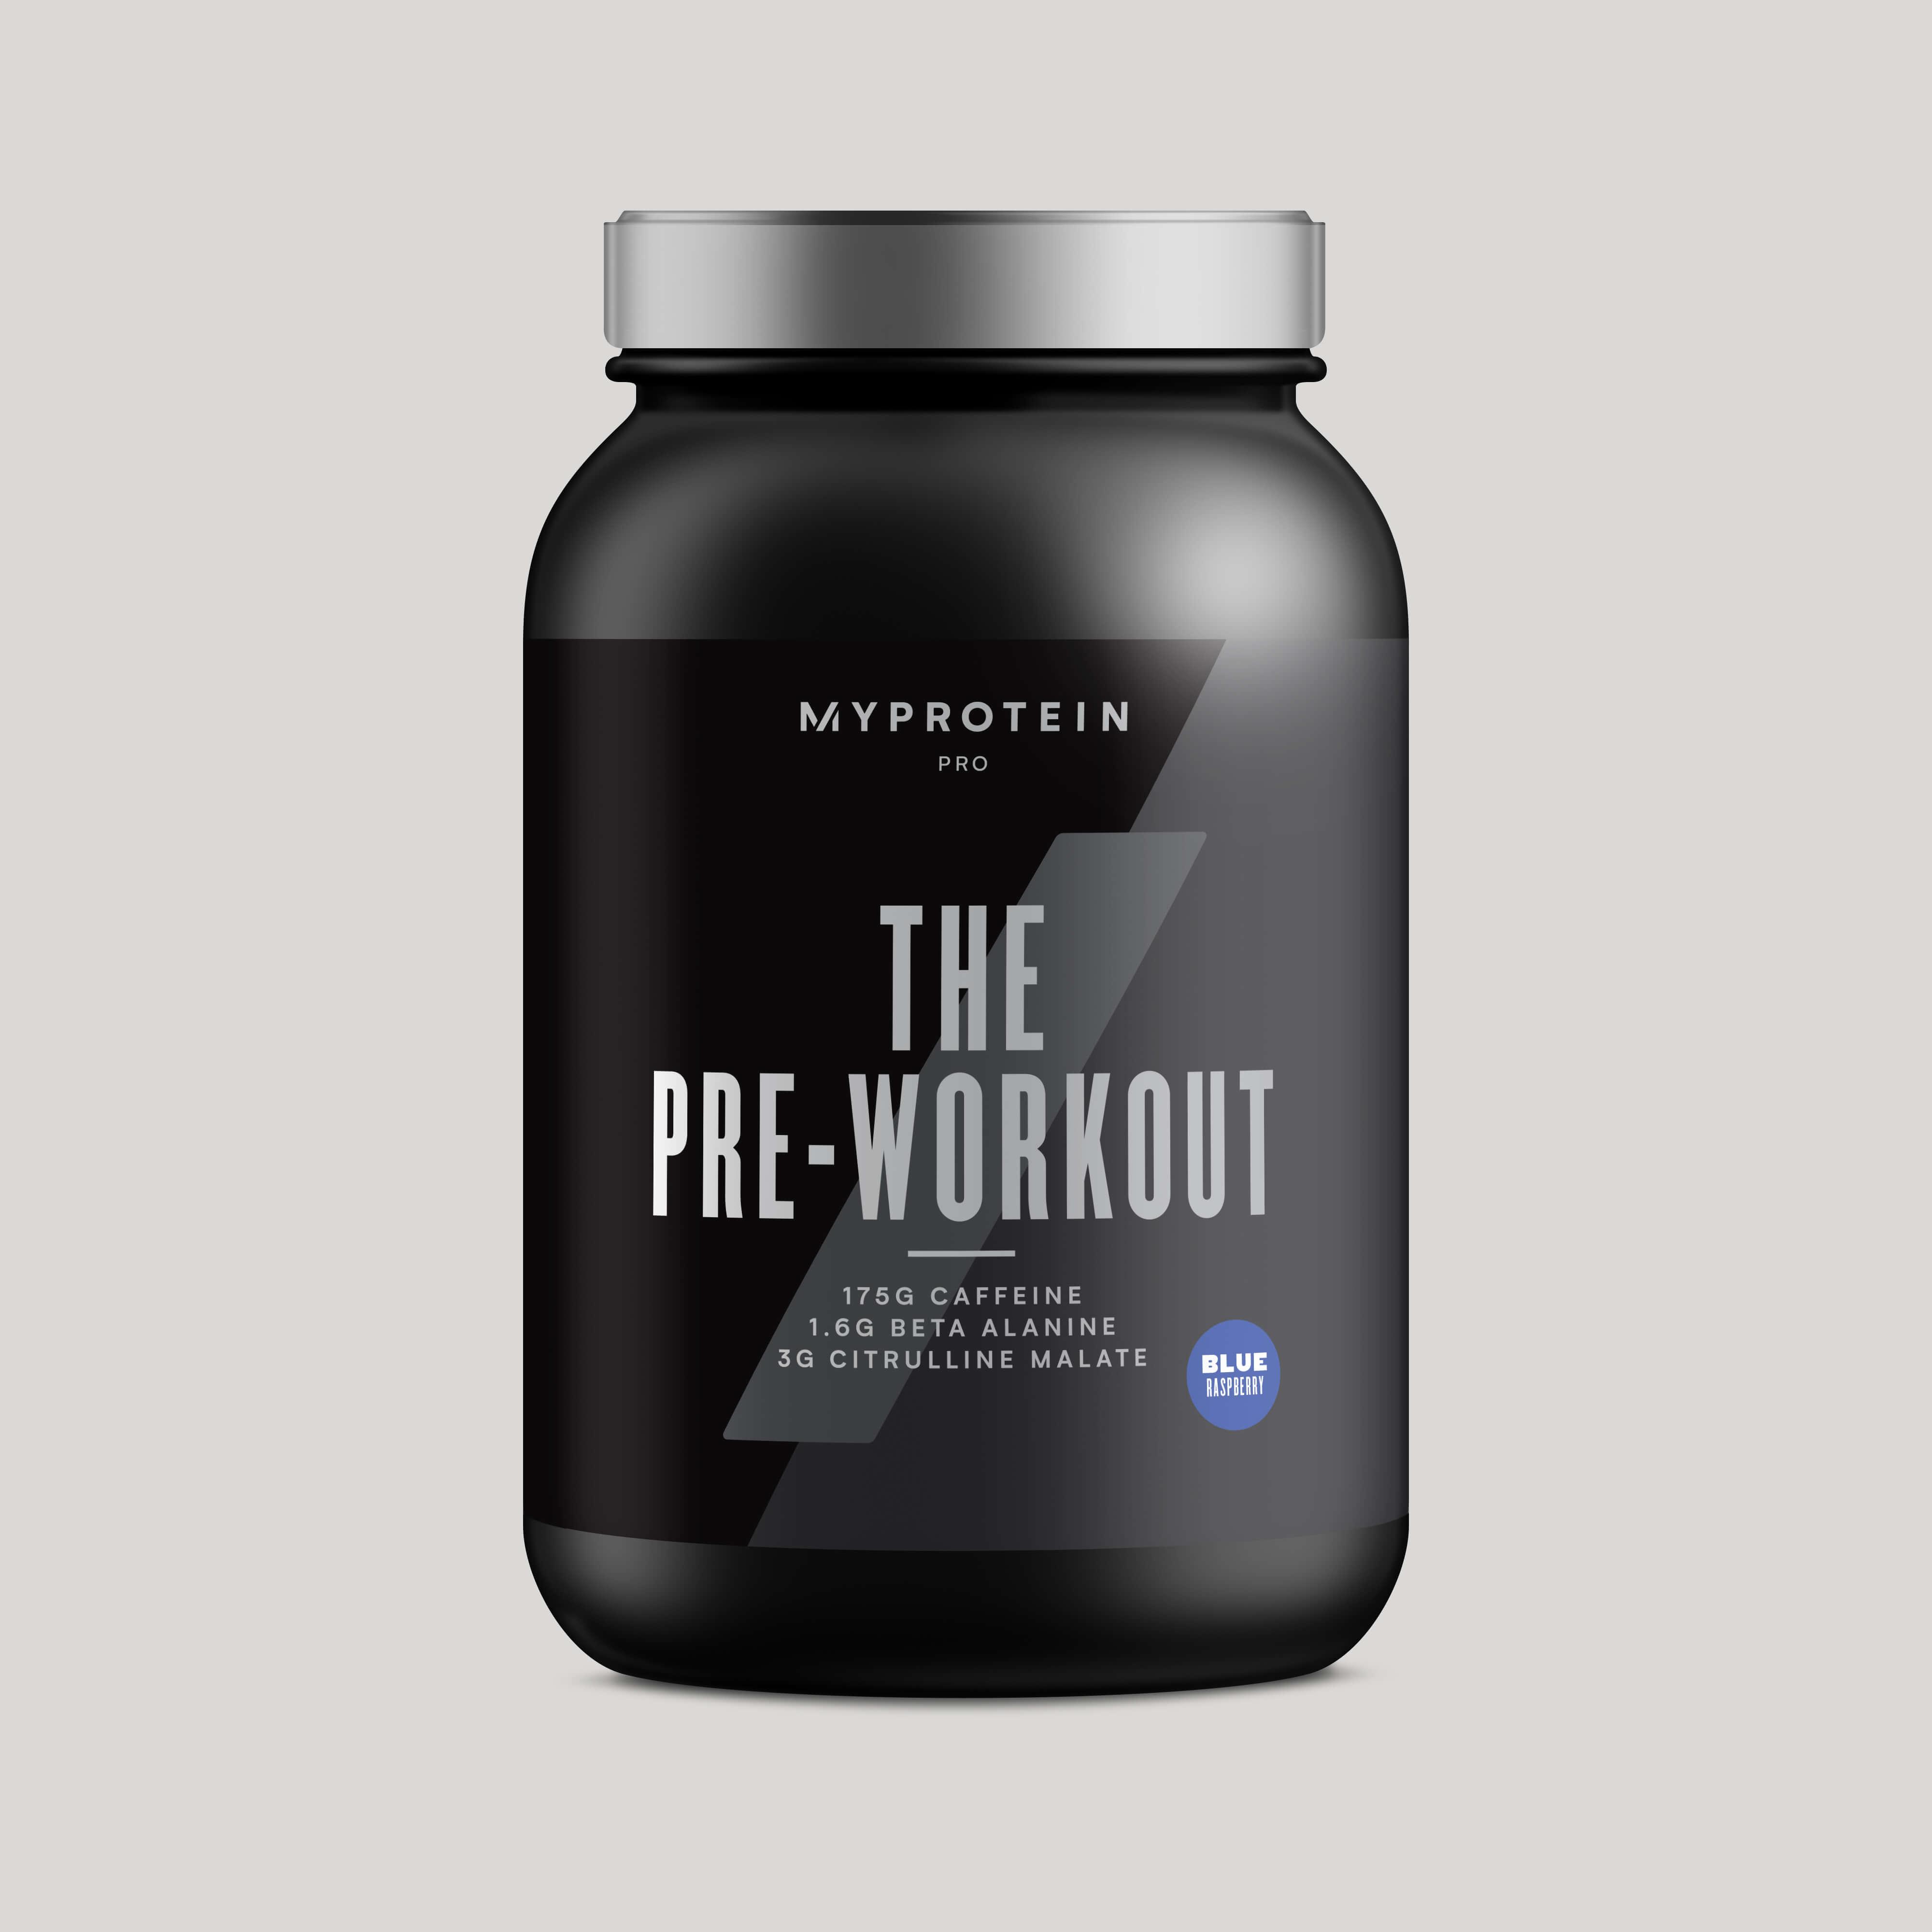 Лучшие добавки для приема перед тренировкой